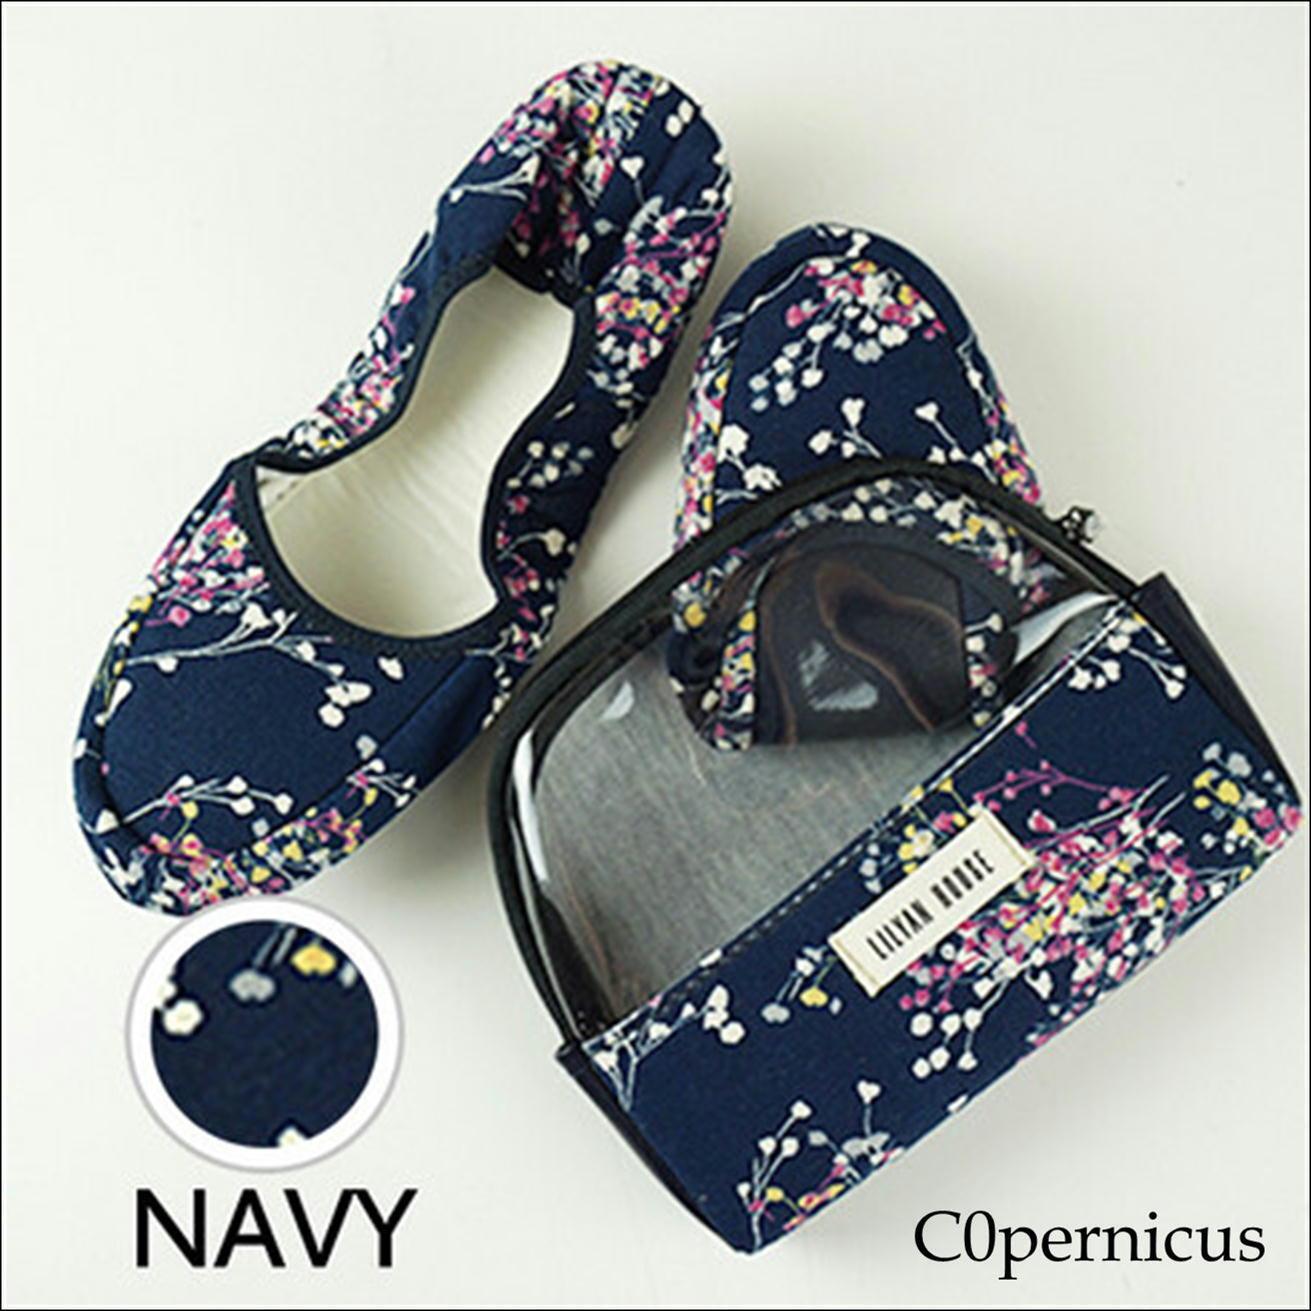 携帯スリッパ ポーチ付き 【Navy A】/ルームスリッパ/ルームシューズ 浜松雑貨屋 C0pernicus